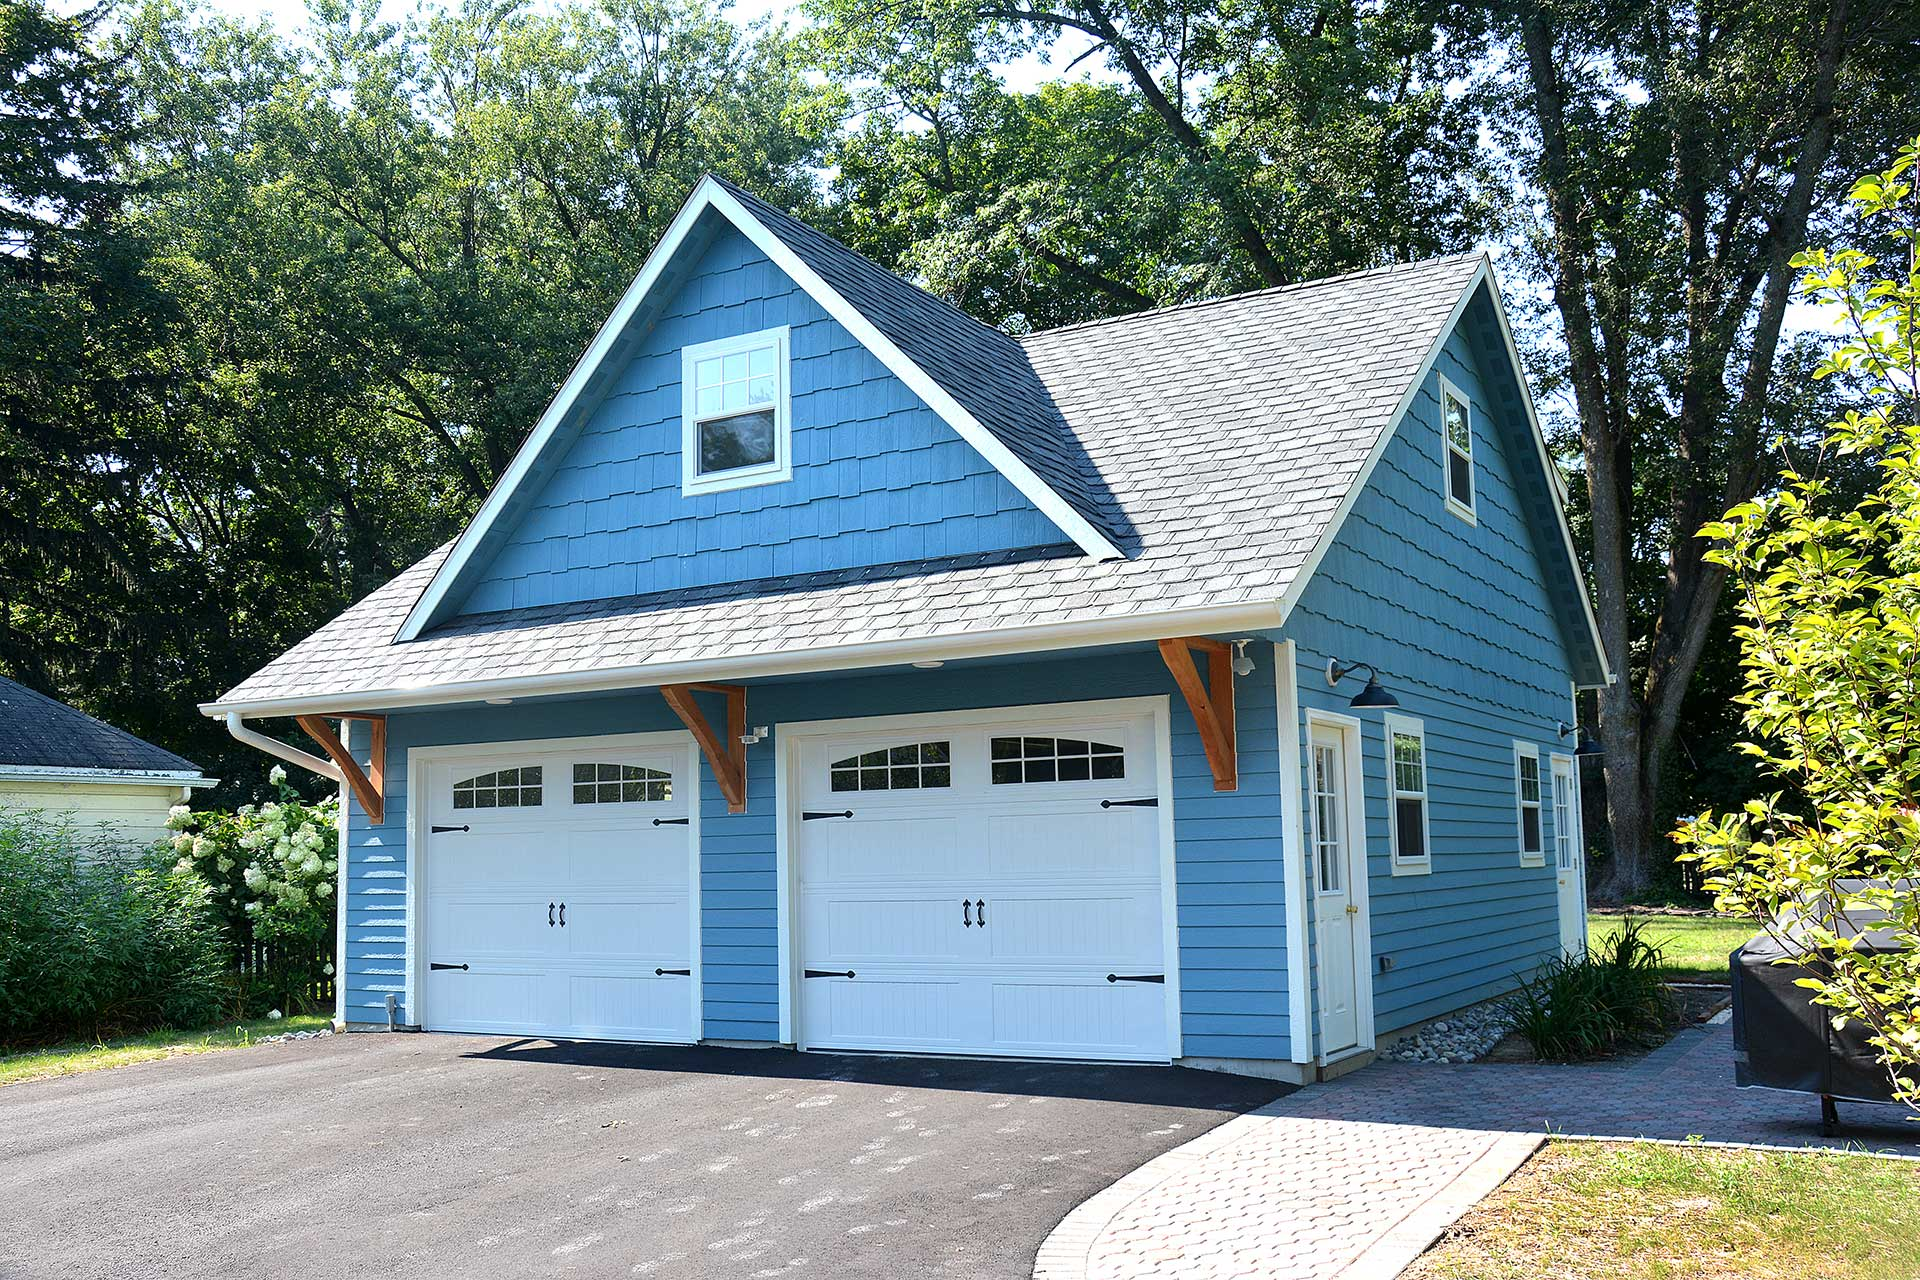 contractor detached attached garage garages built pa car lancaster amish services detach